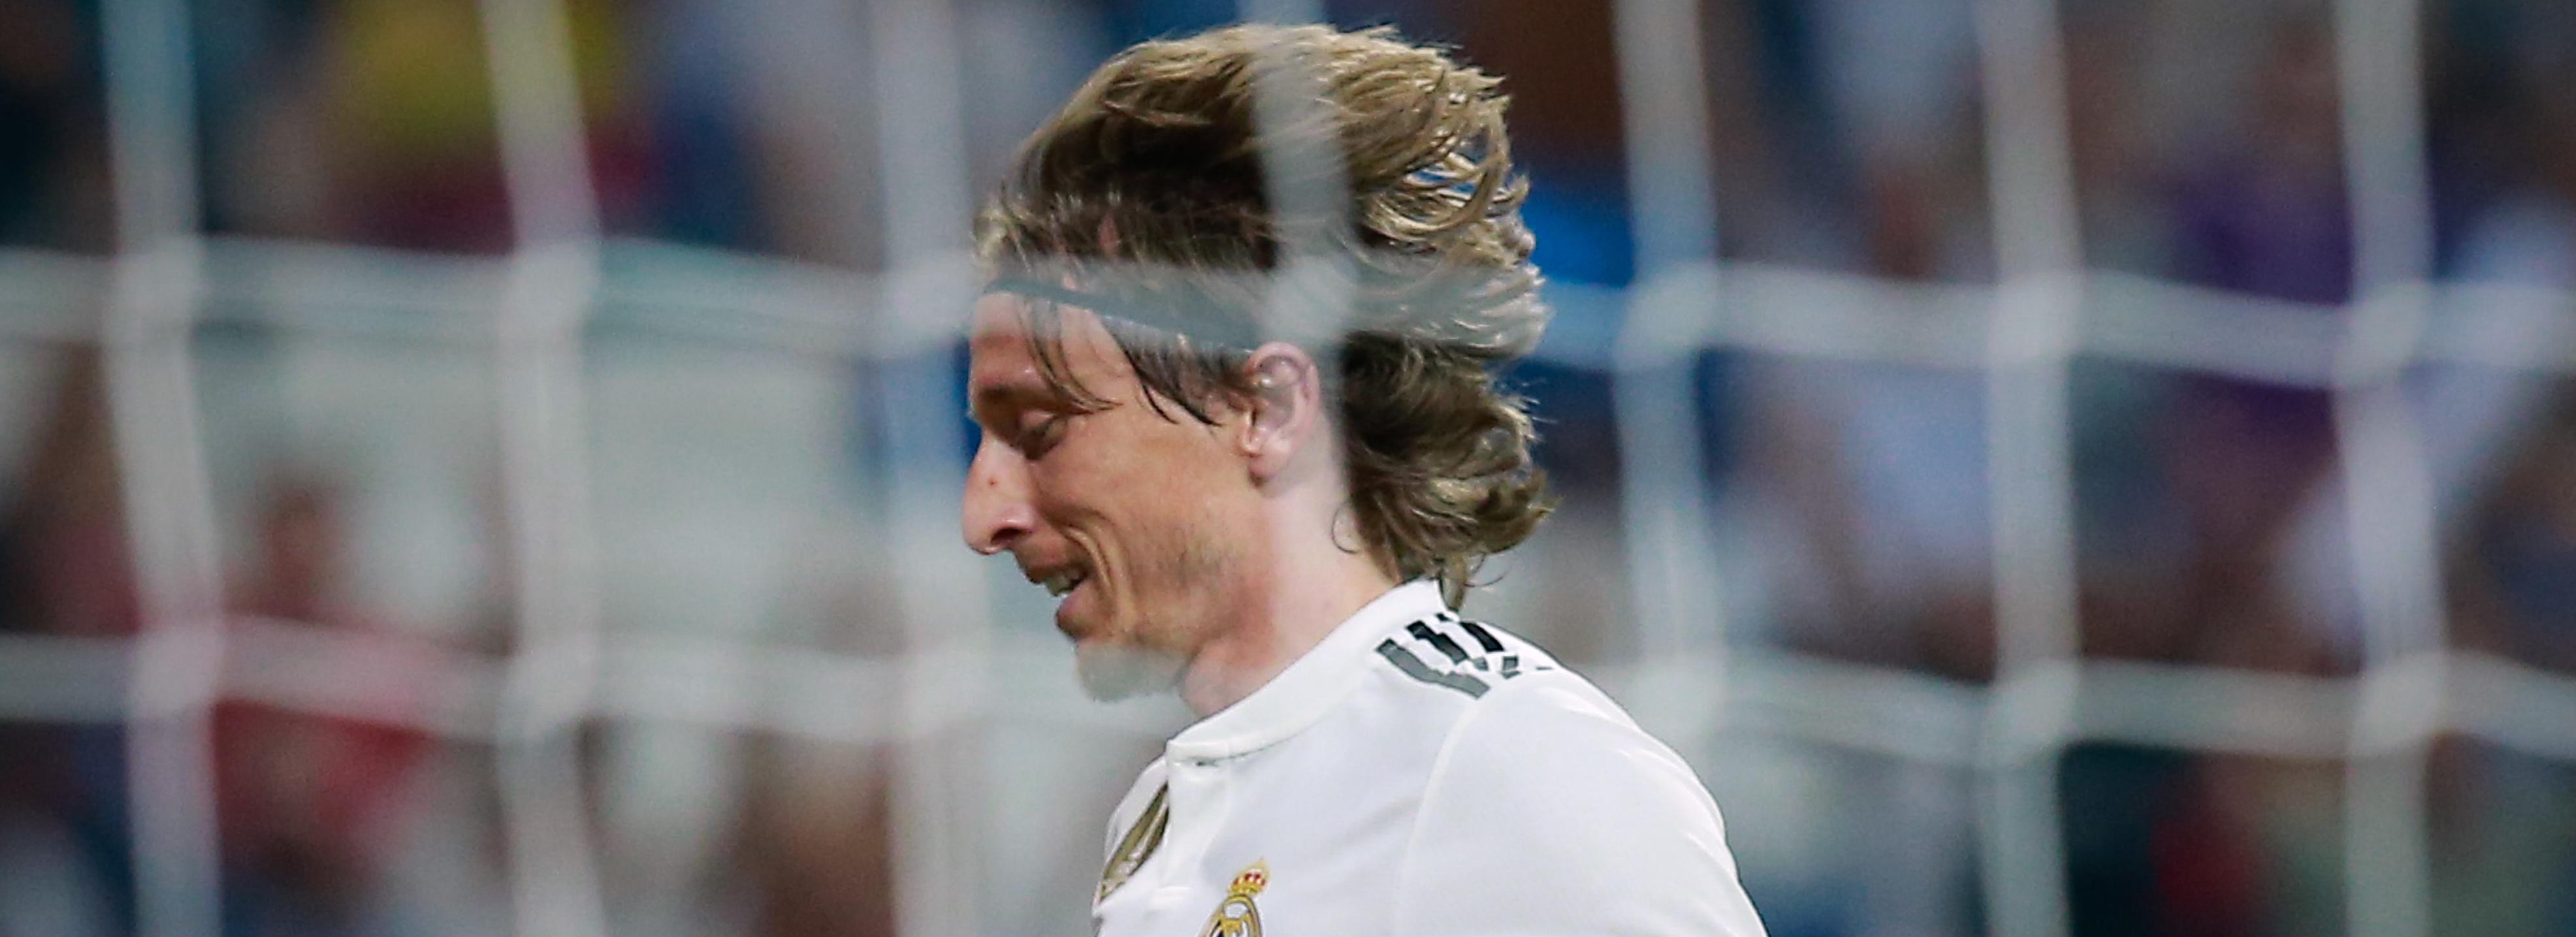 Modric al Milan: un trasferimento d'oro che potrebbe realizzarsi